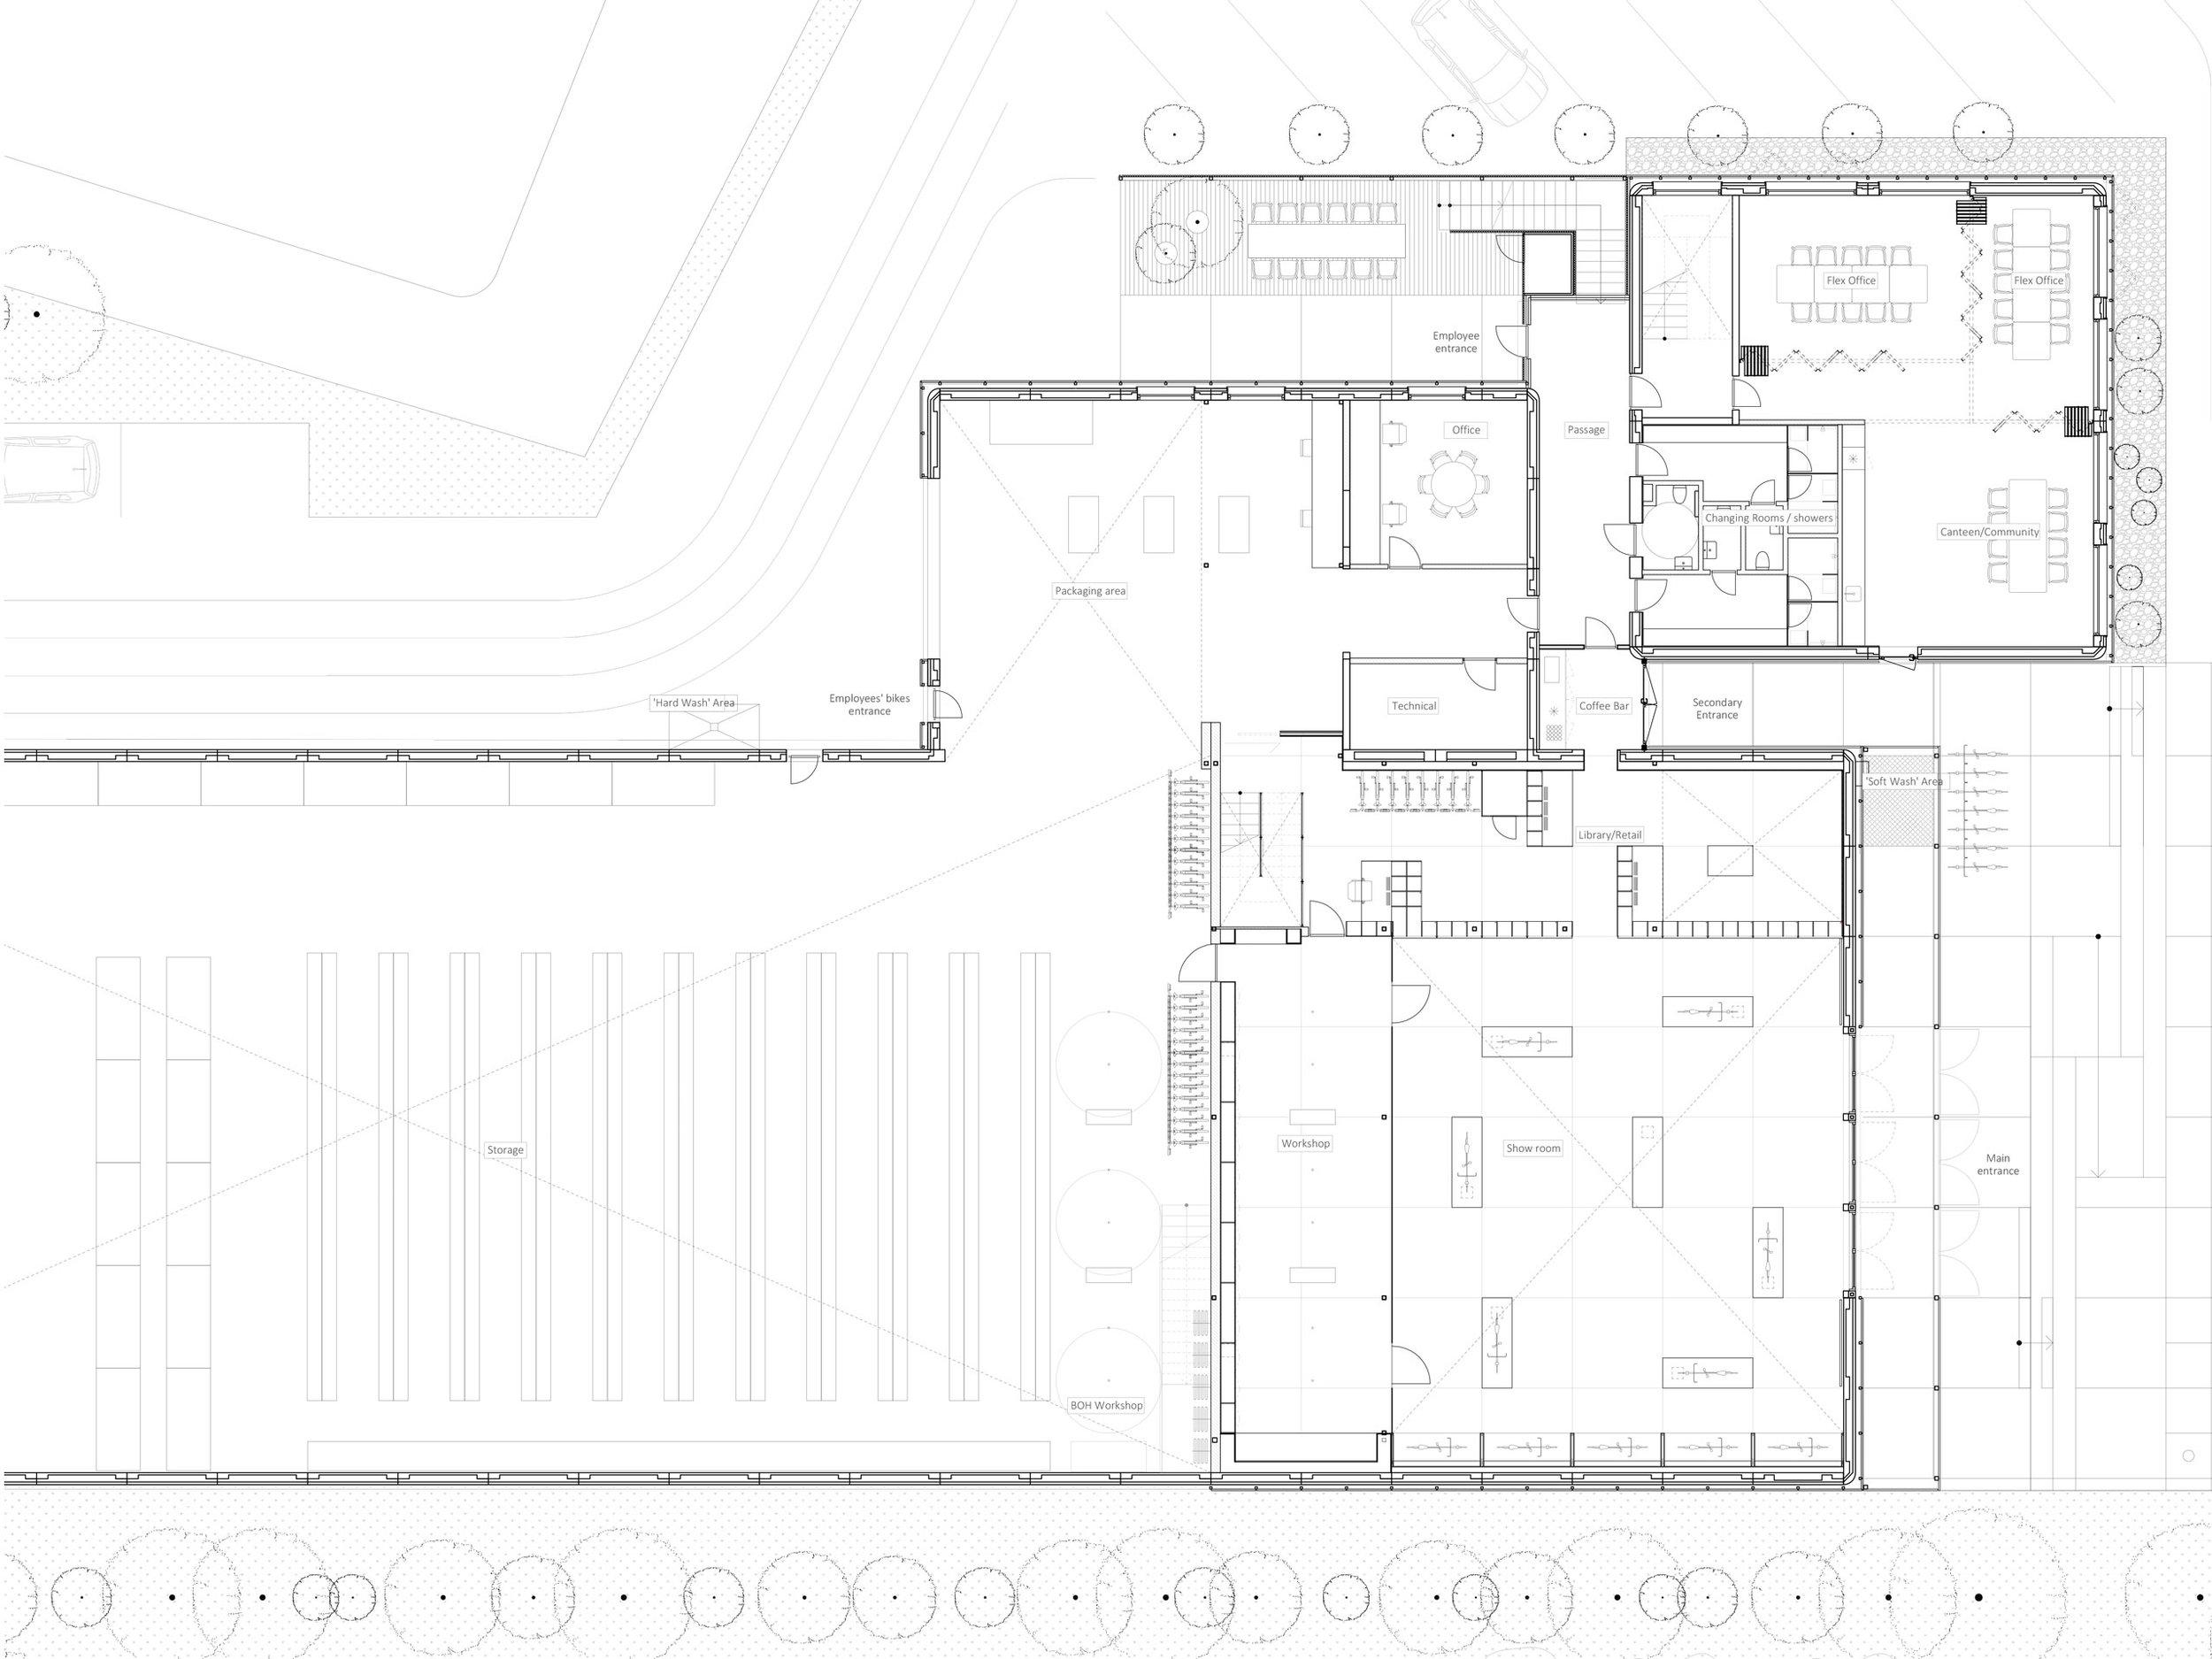 Plan, Ground floor, 1:150